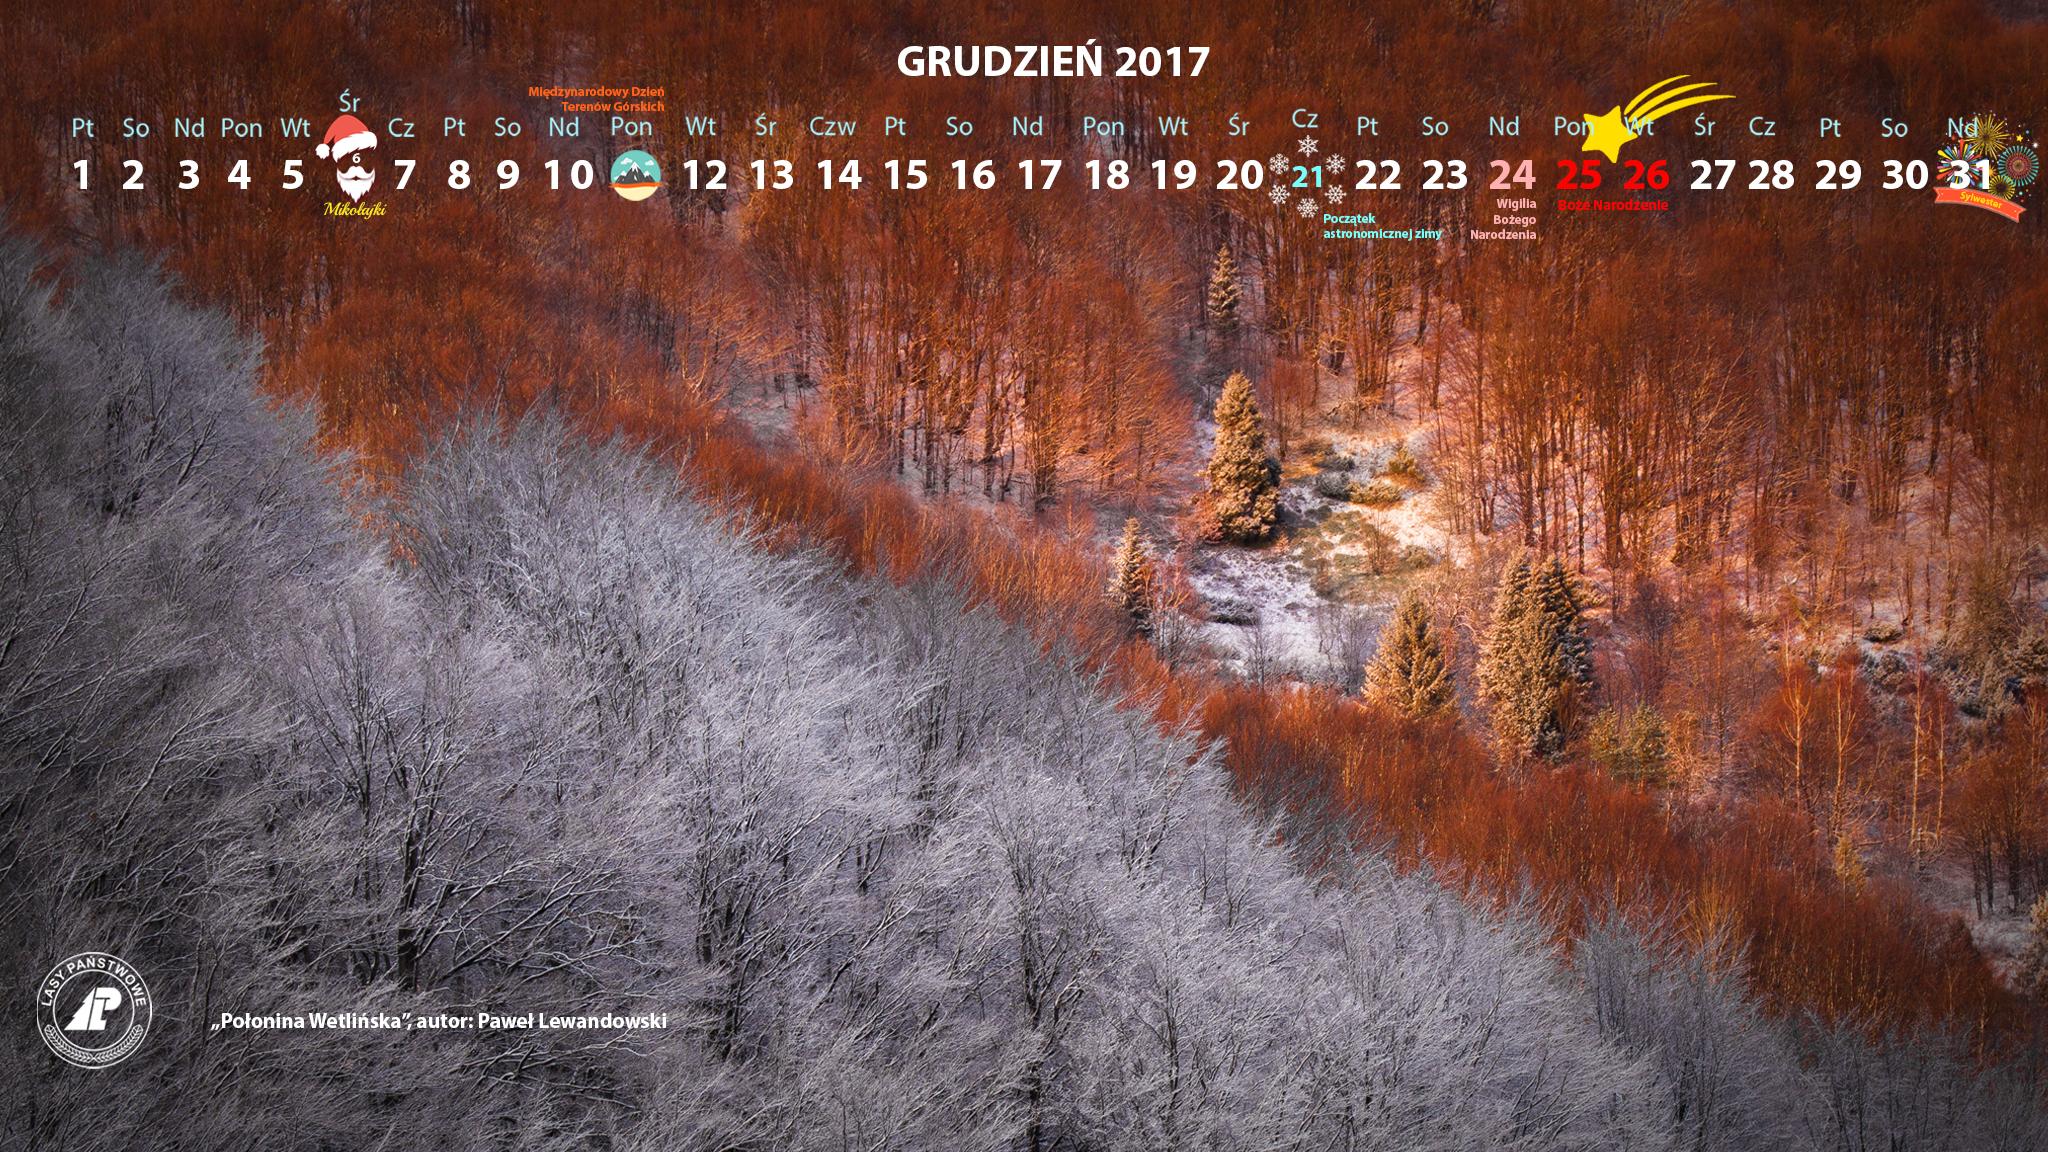 Kalendarz grudzien 2017 2048x1152.jpg